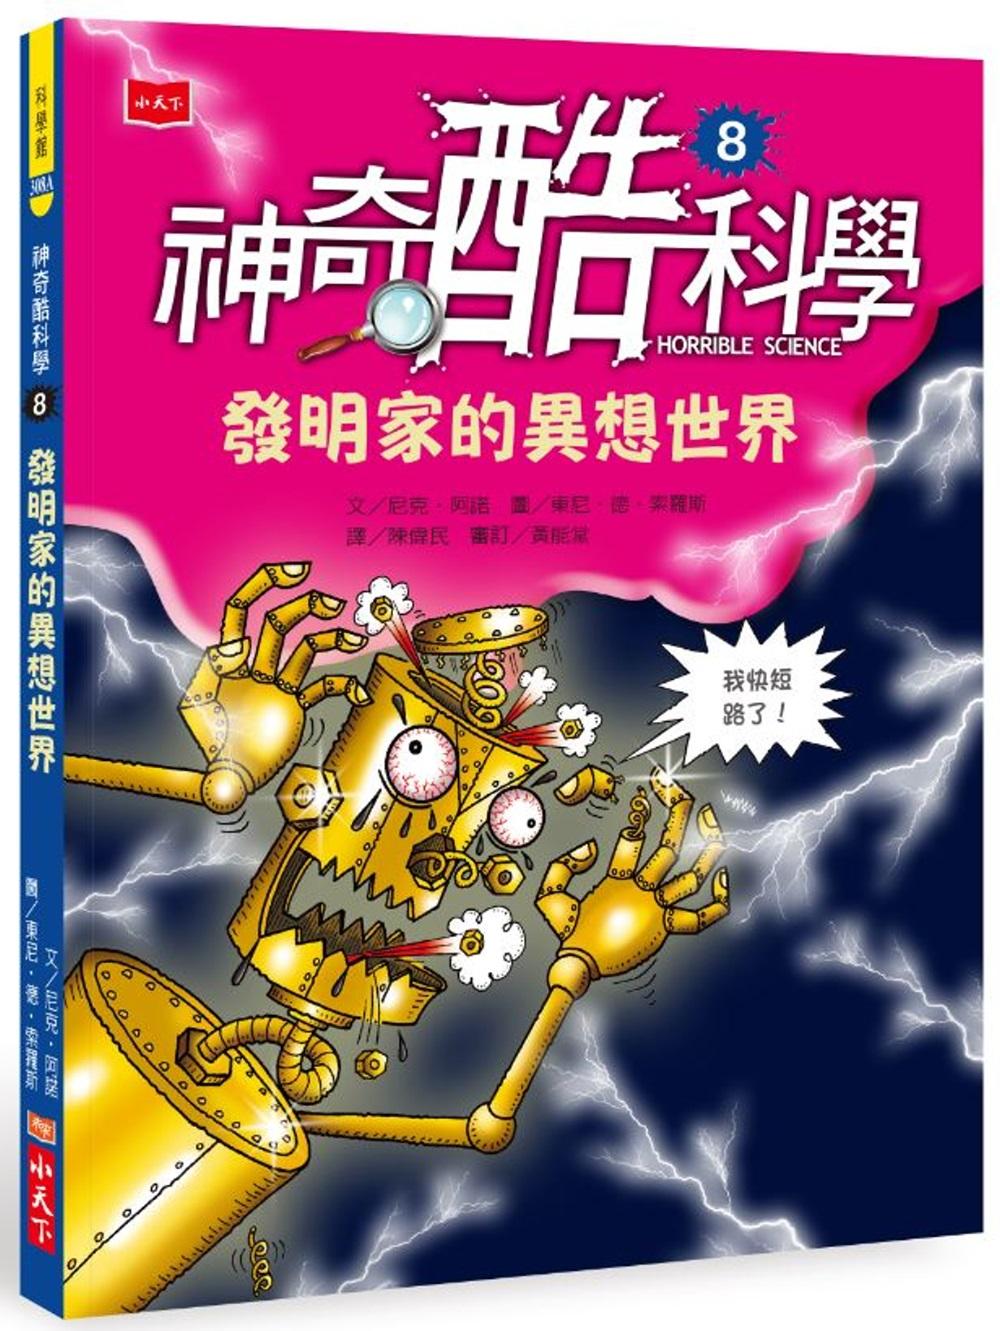 神奇酷科學8:發明家的異想世界